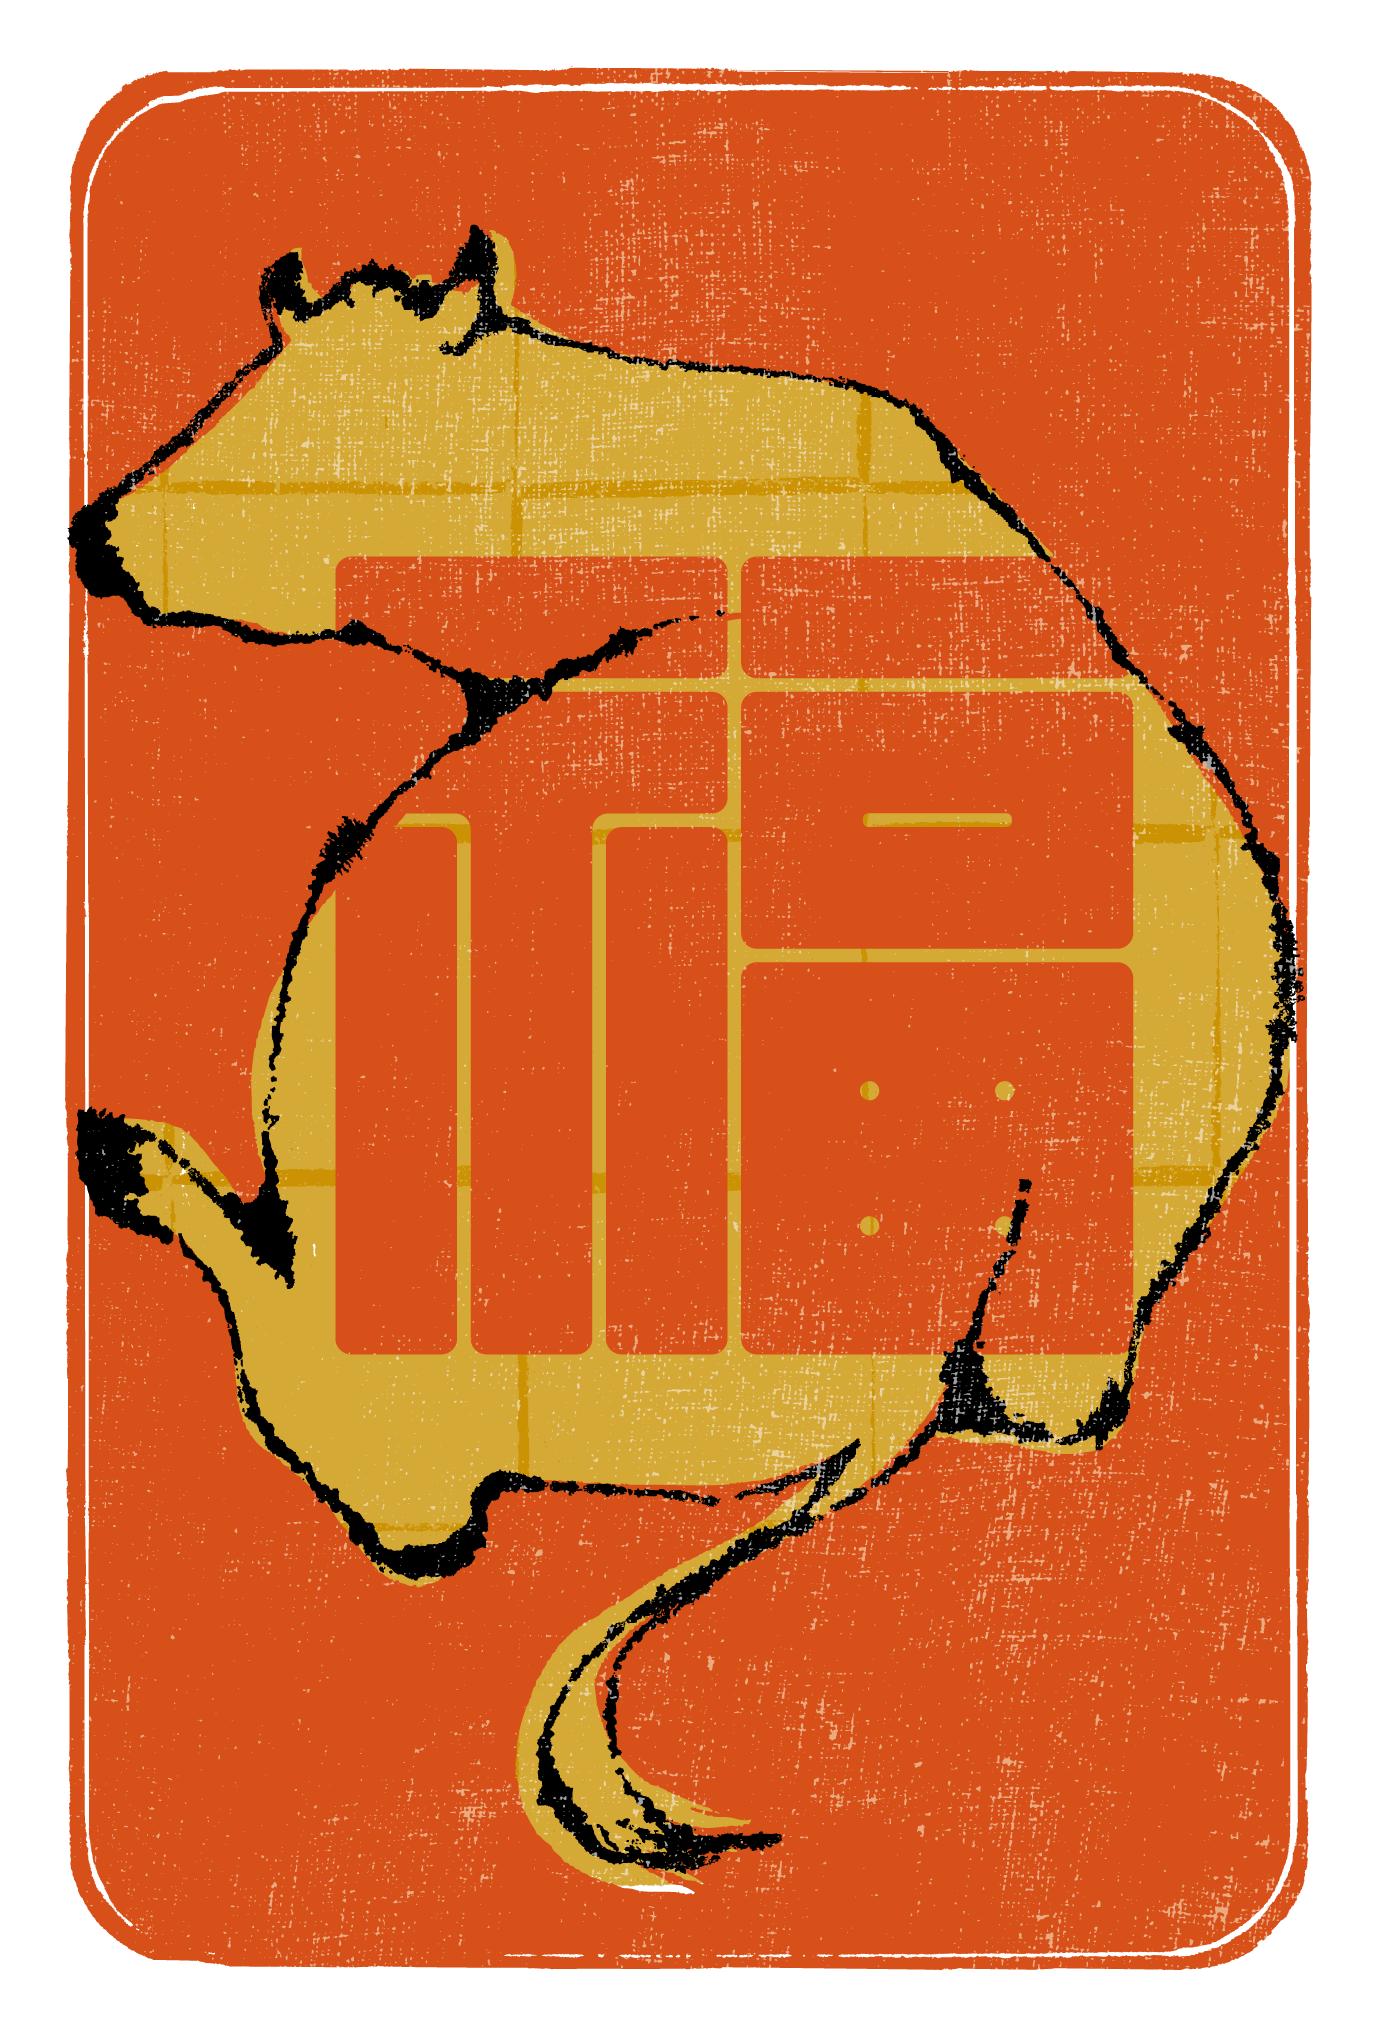 2021春節03-1:牛と福(金牛)のダウンロード画像